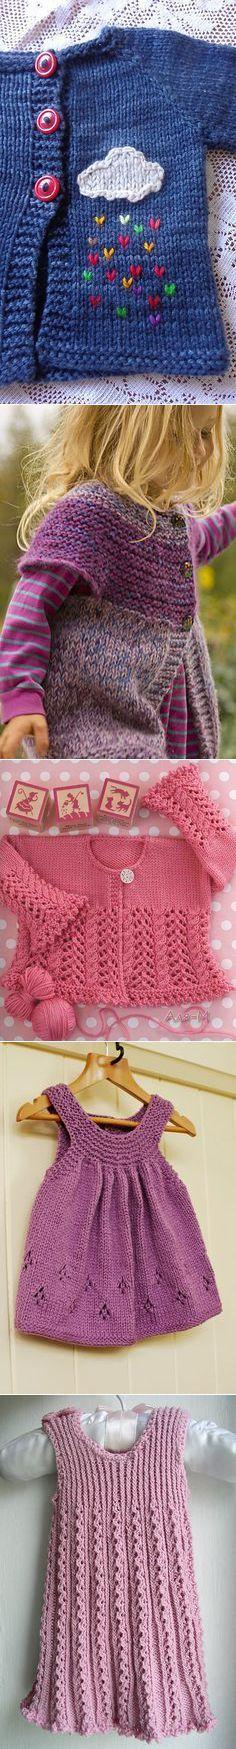 Knitting for Little Girls on Pinterest | 58 Pins | Деткам | Постила